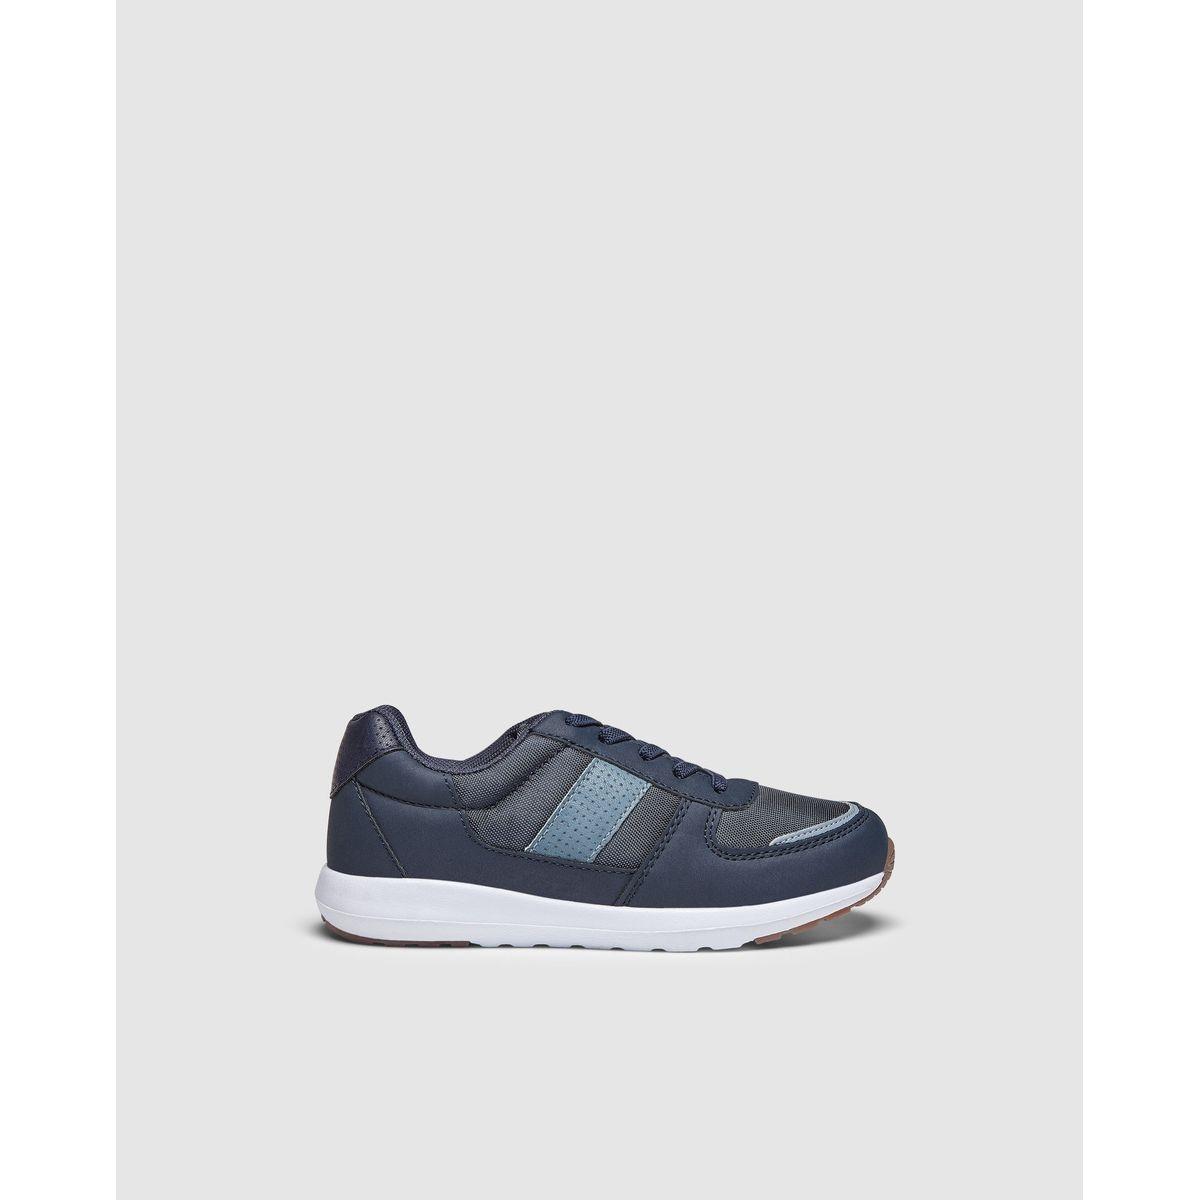 Chaussures sport  fermées par lacets